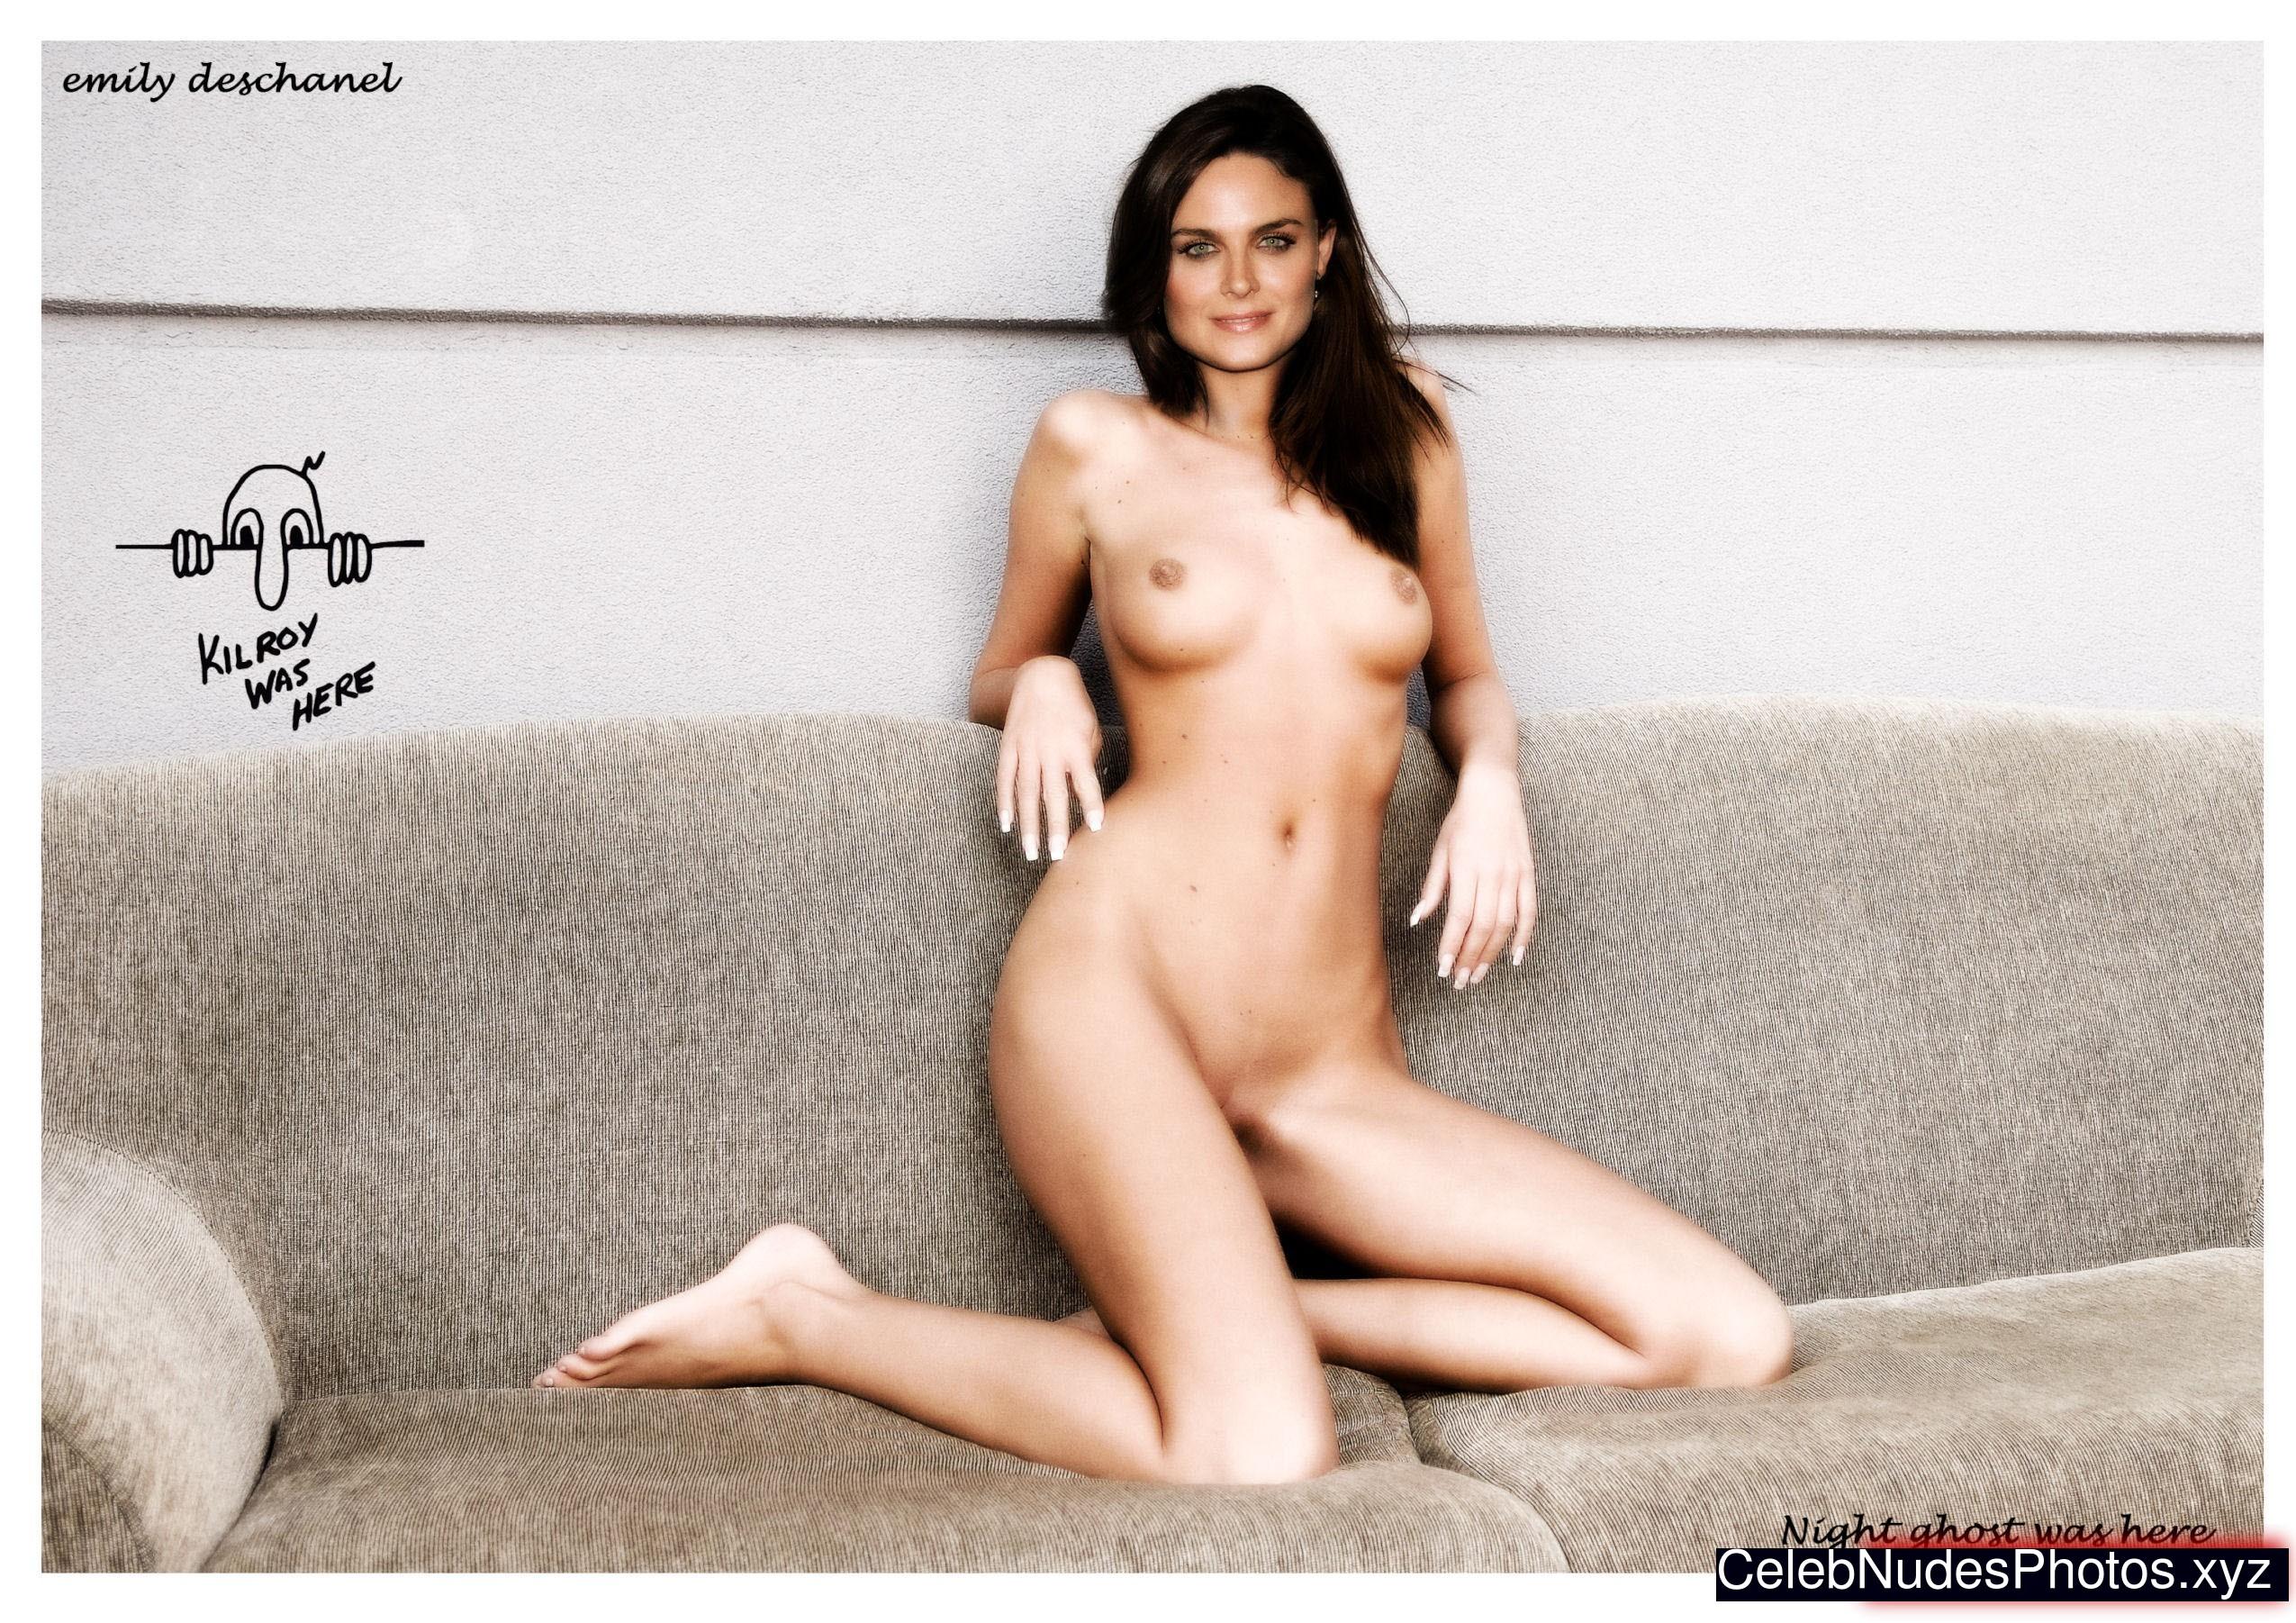 nude pics of emily deschanel